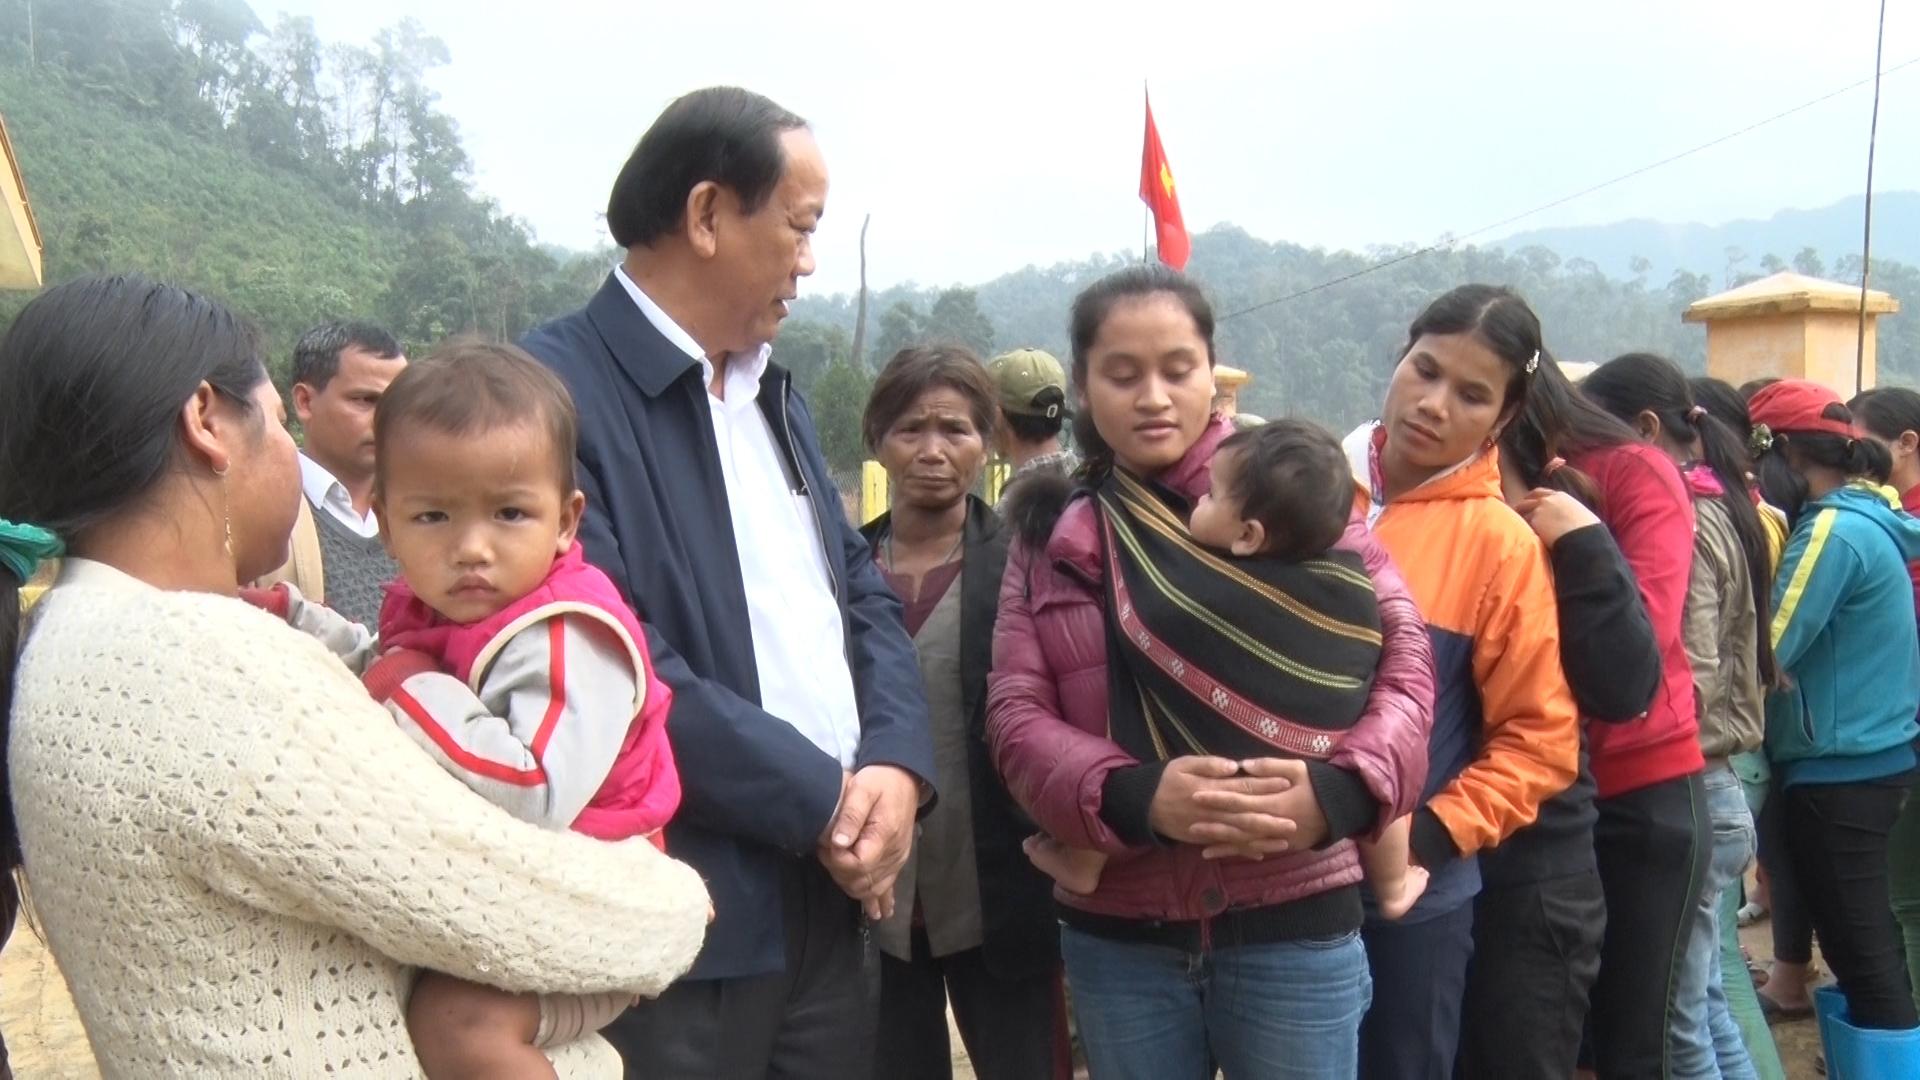 Chủ tịch UBND tỉnh Đinh Văn Thu thăm hỏi đời sống nhân dân làng Khe Chữ. Ảnh: ĐẠO NGƯỚC